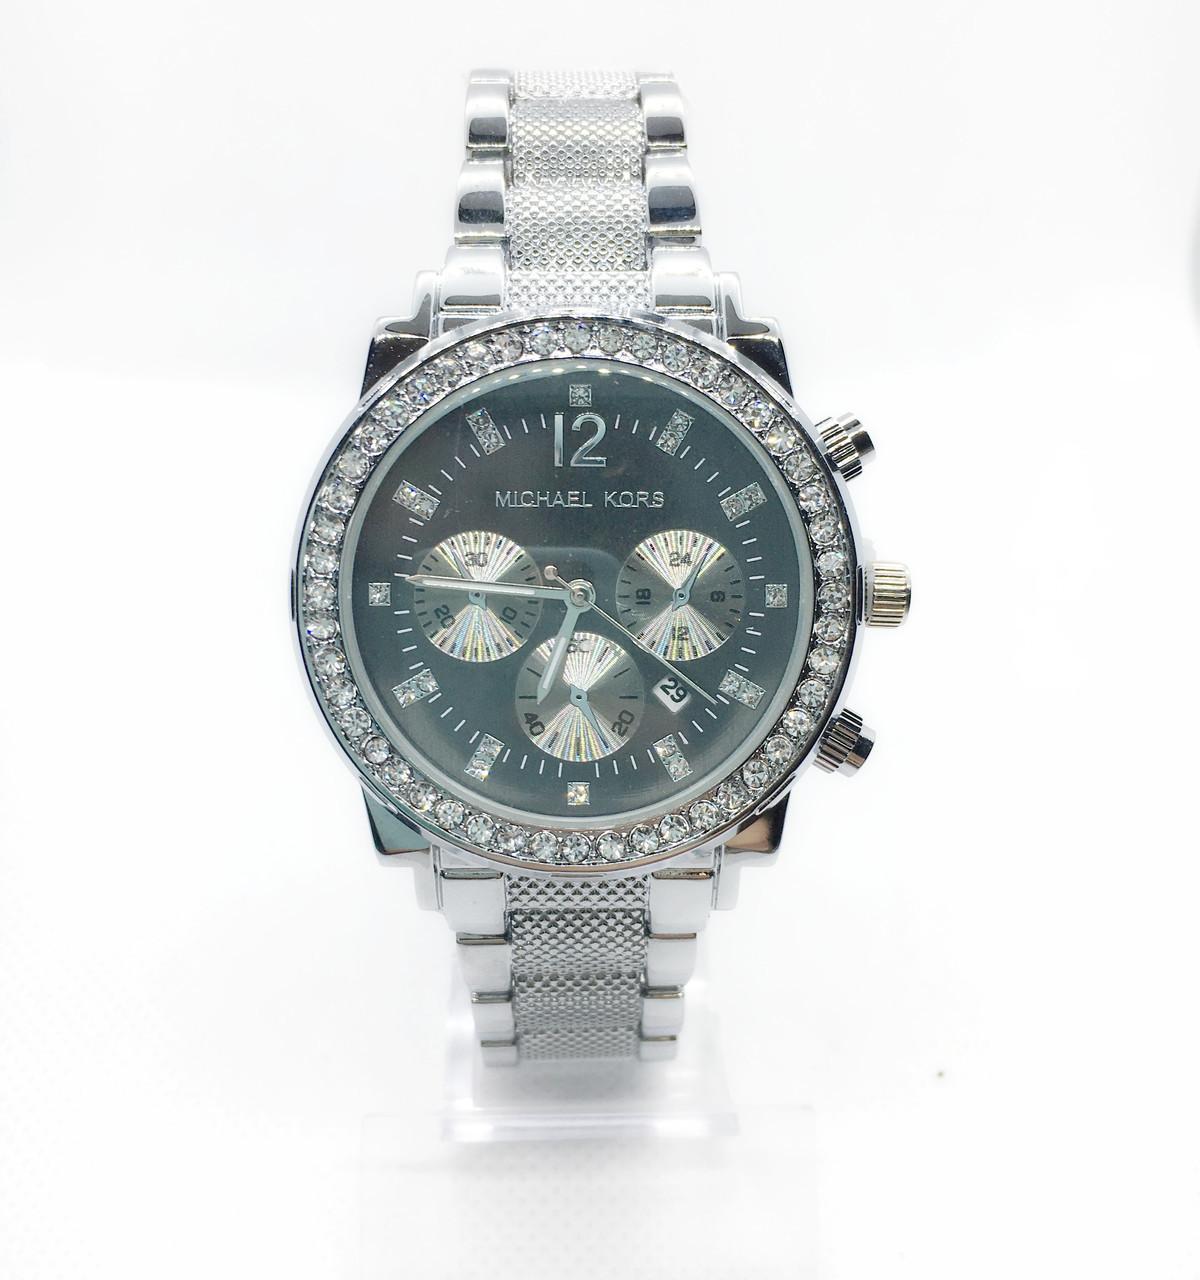 Женские наручные часы Mісhаеl Коrs (в стиле Майкл Корс), серебристо-черный цвет